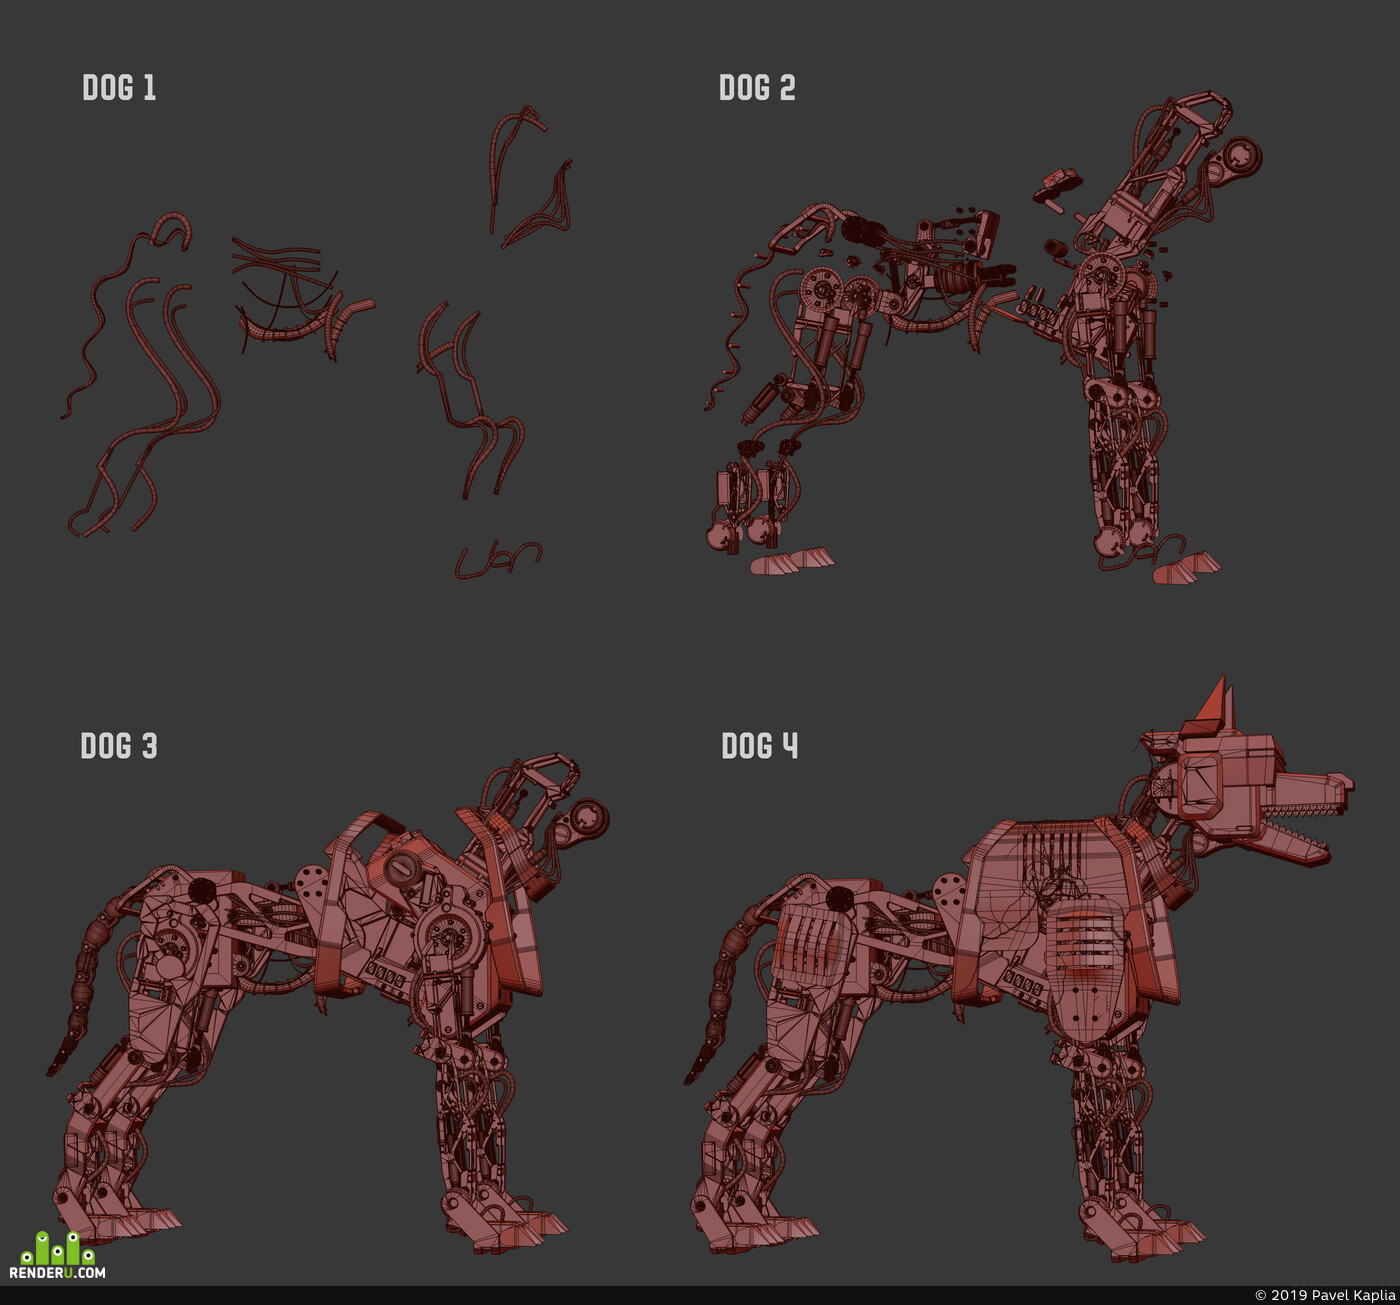 dog, Dog robot, Kaplia Pavel, Электронная собака